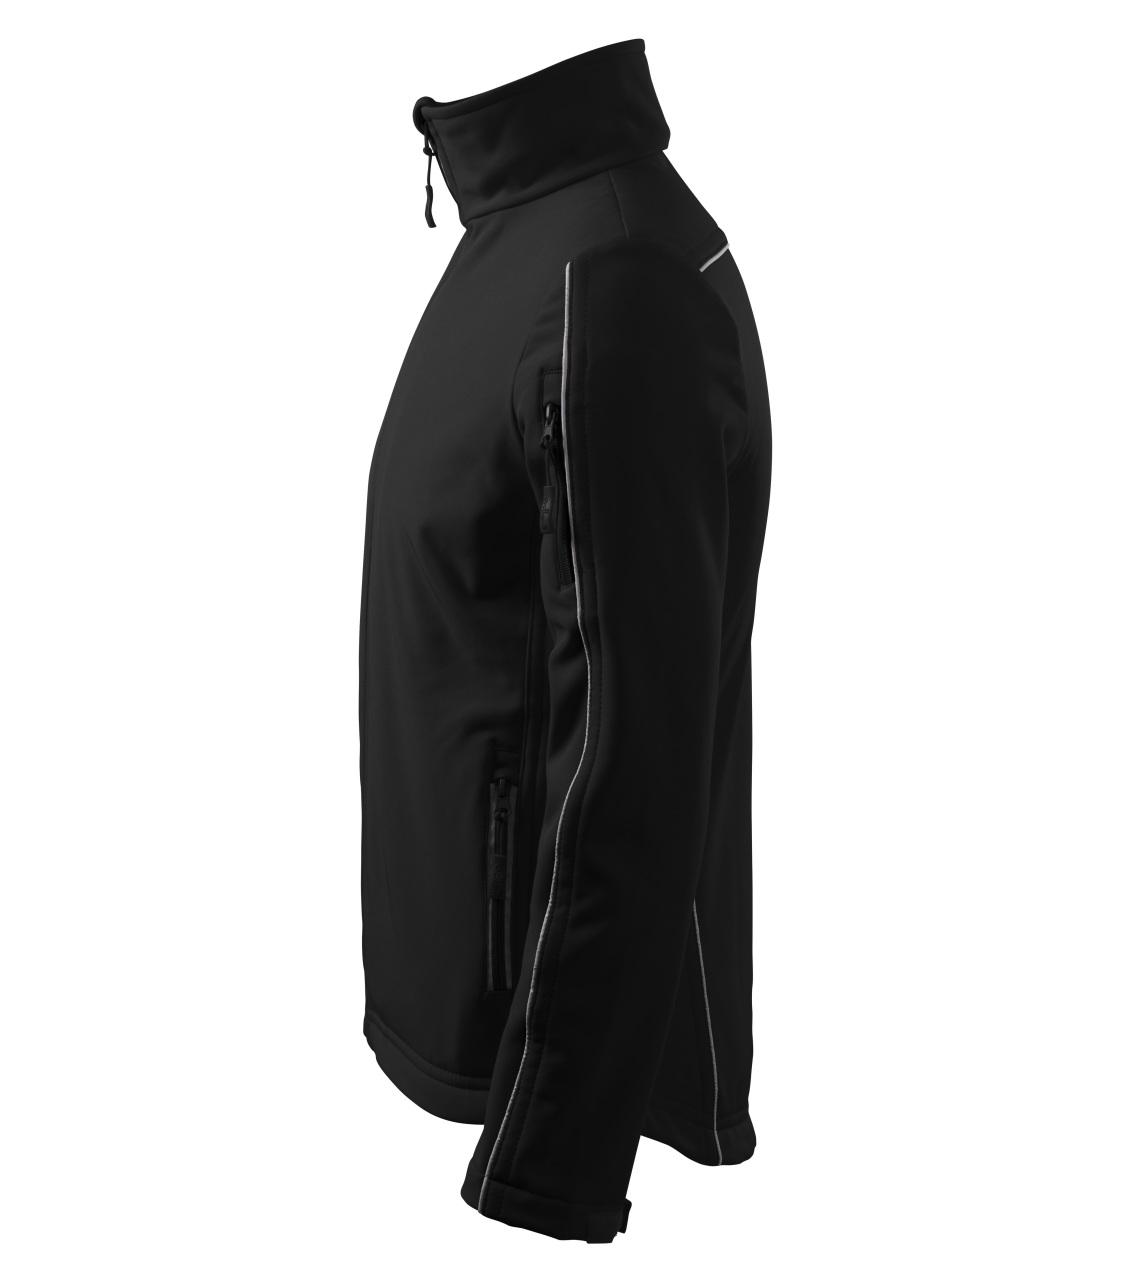 Pánská softshellová bunda Softshell Jacket s reflexními proužky ADLER CZECH černá L